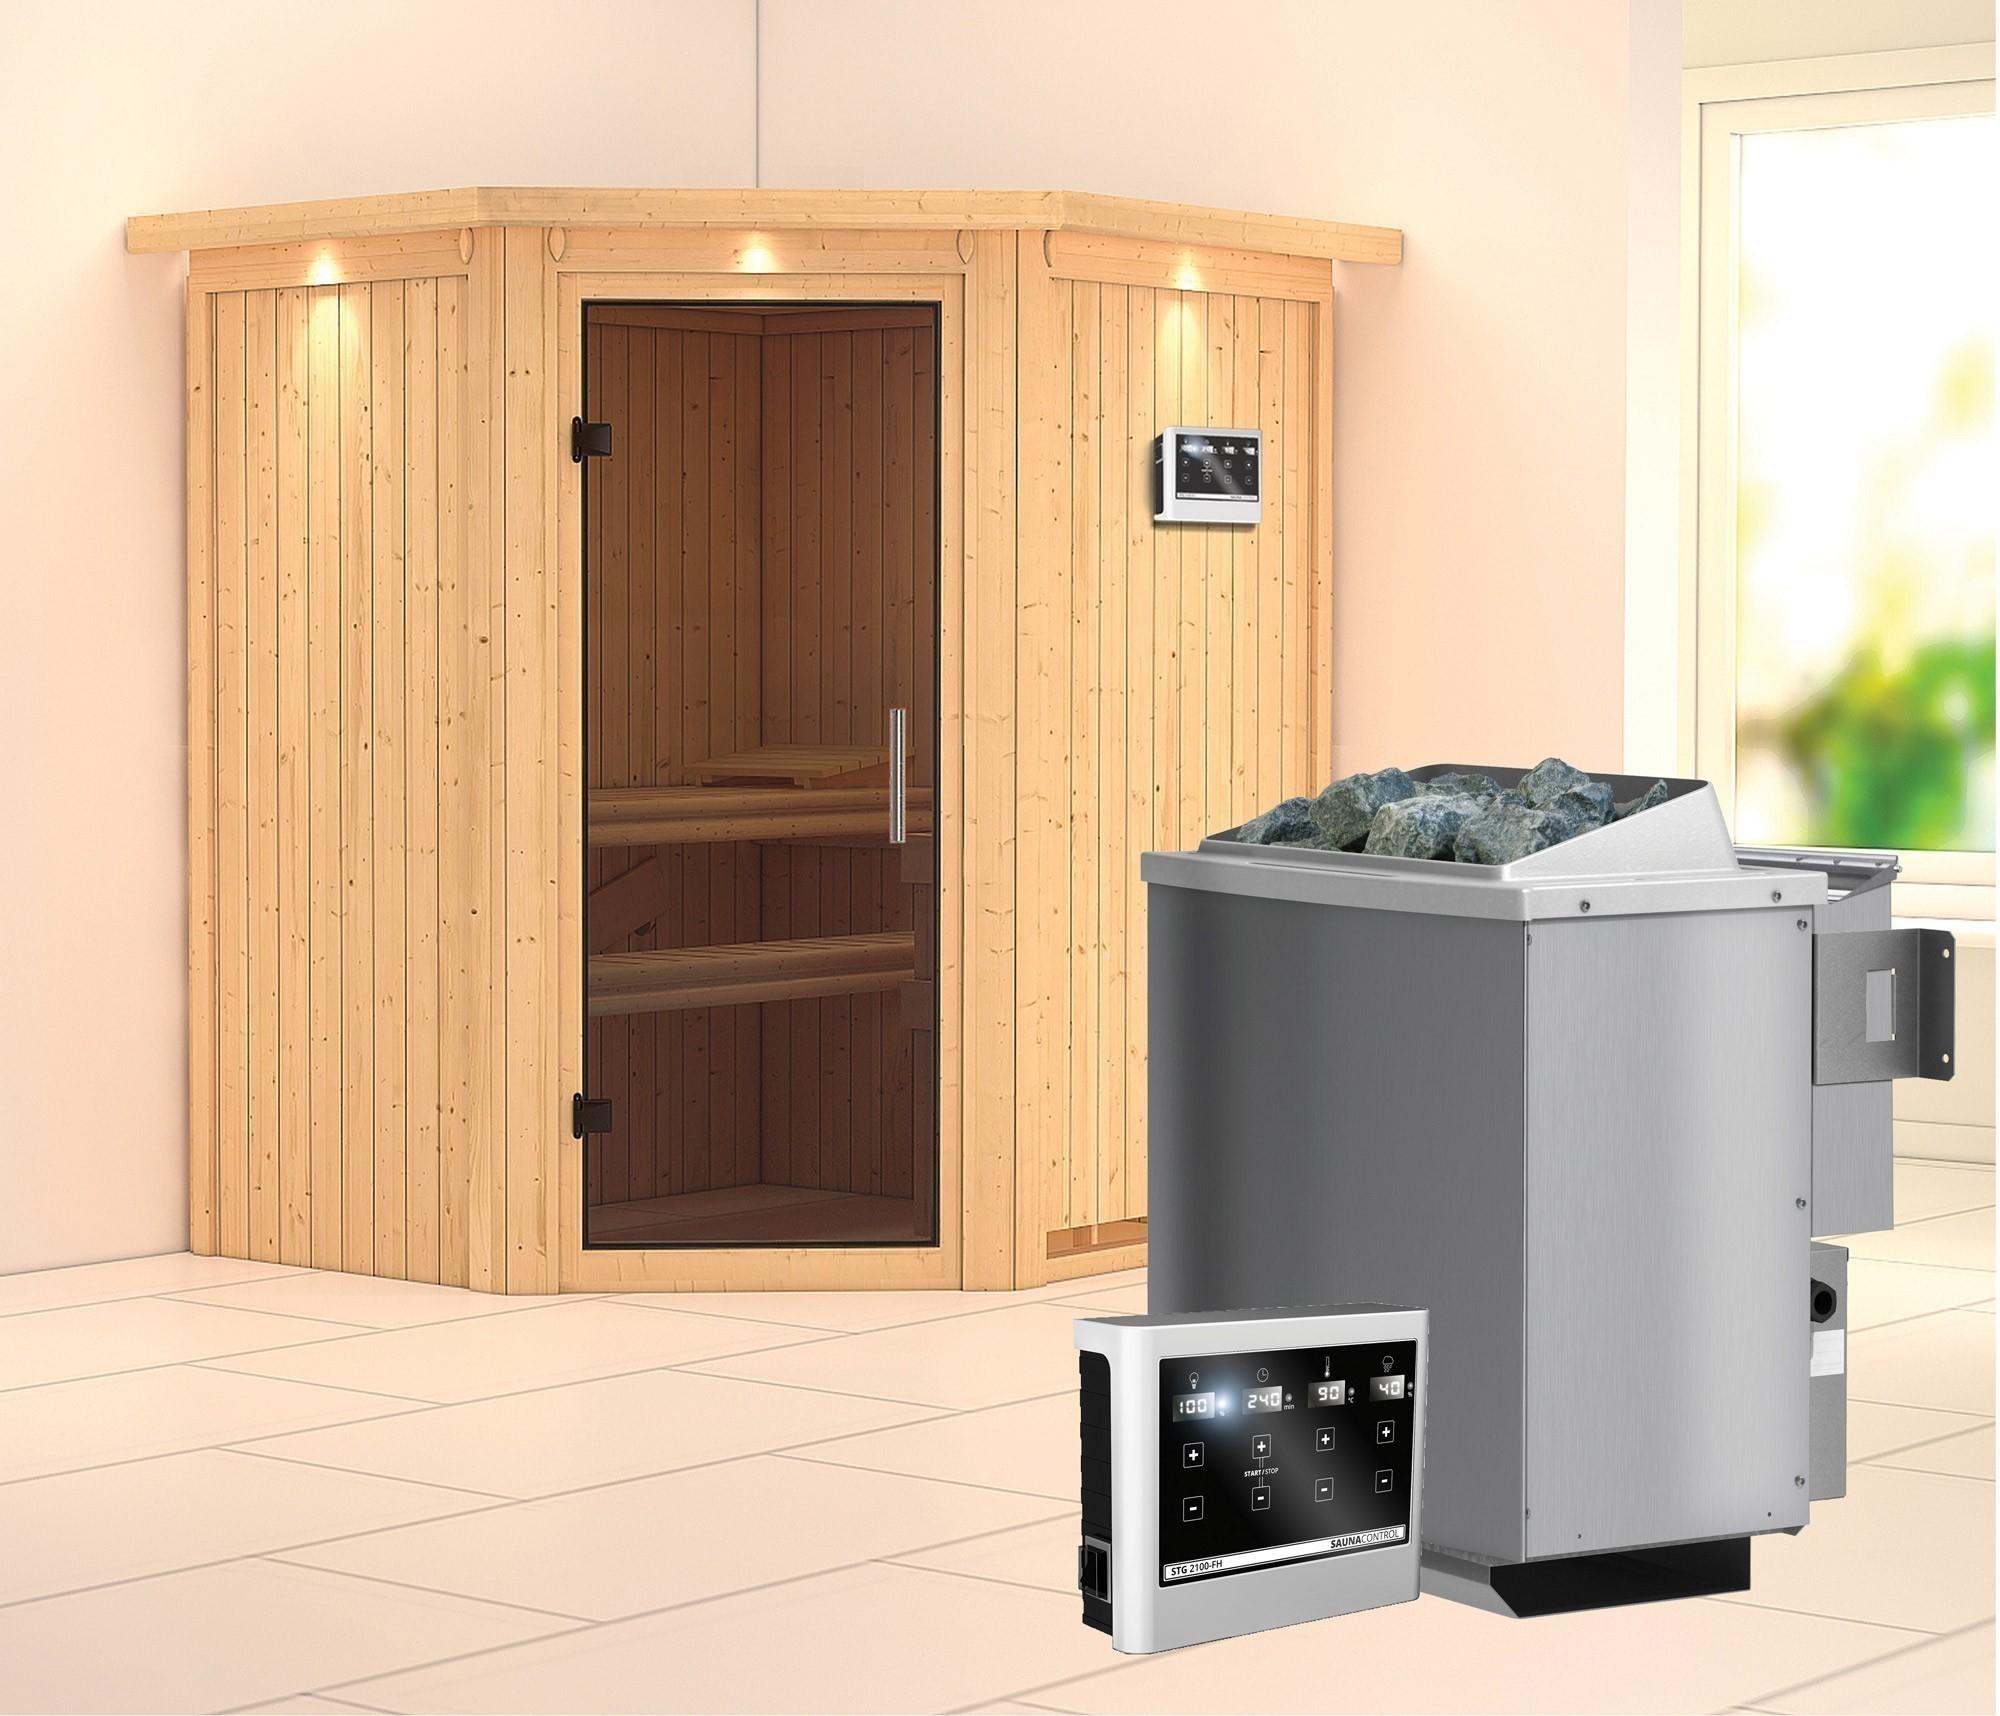 Karibu Sauna Taurin 68mm Dachkranz Bio Saunaofen 9kW ext. moderne Tür Bild 1